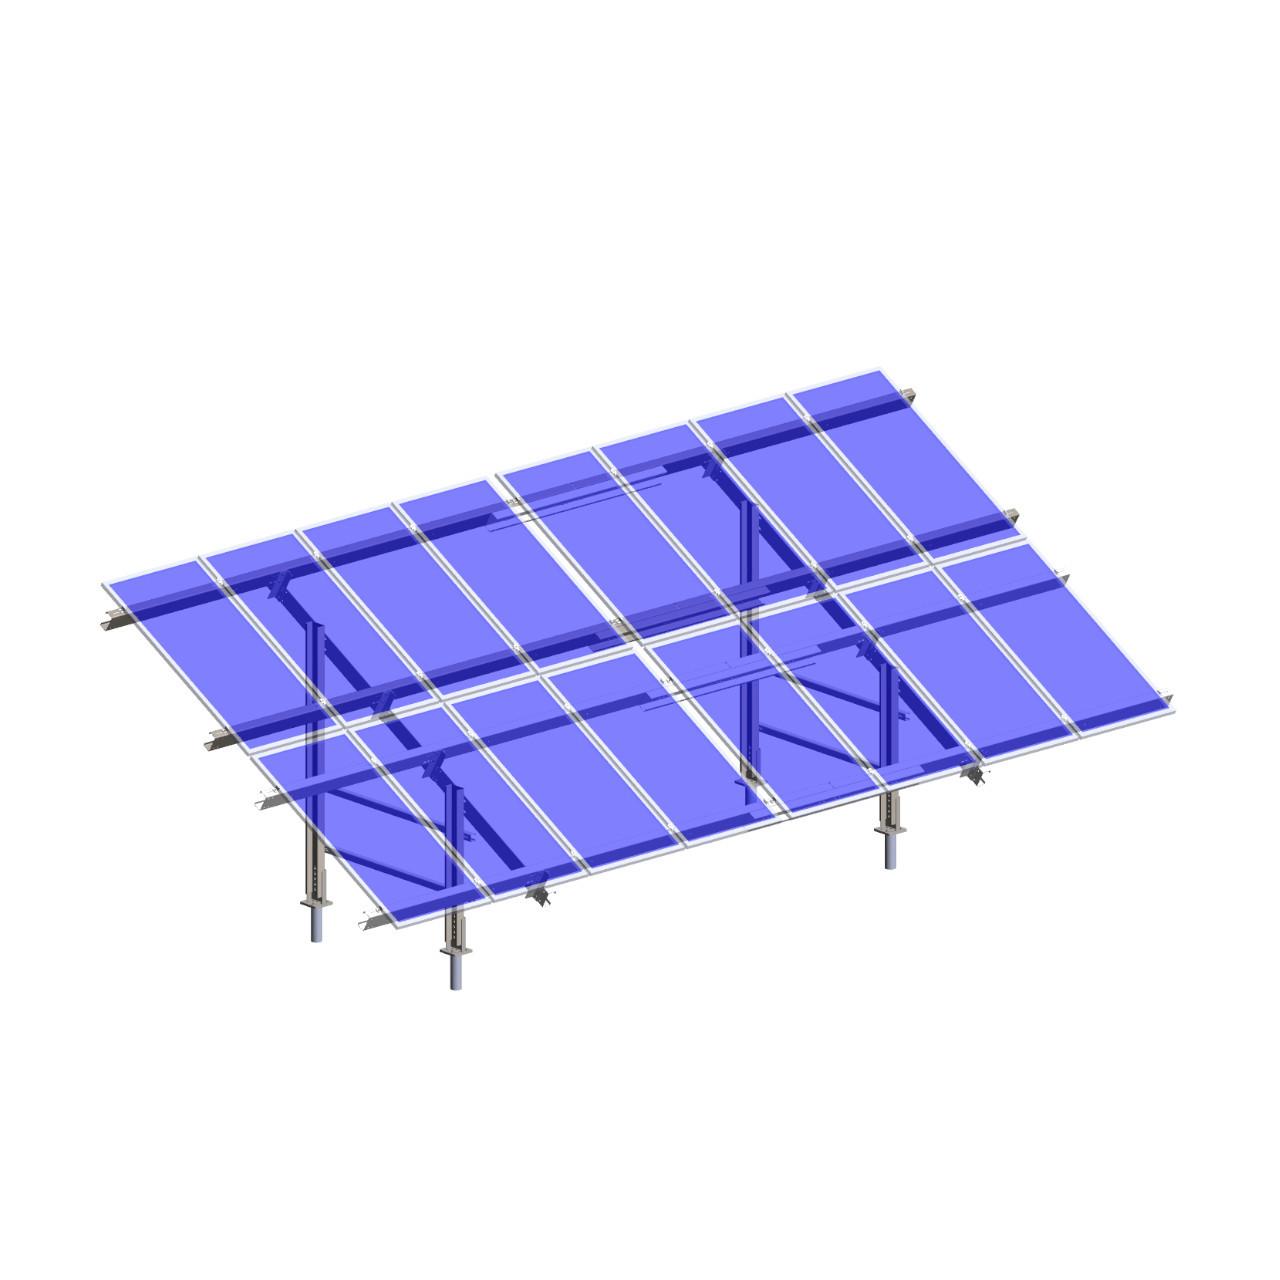 Polar Racking - PRU-D - Transparent Panels